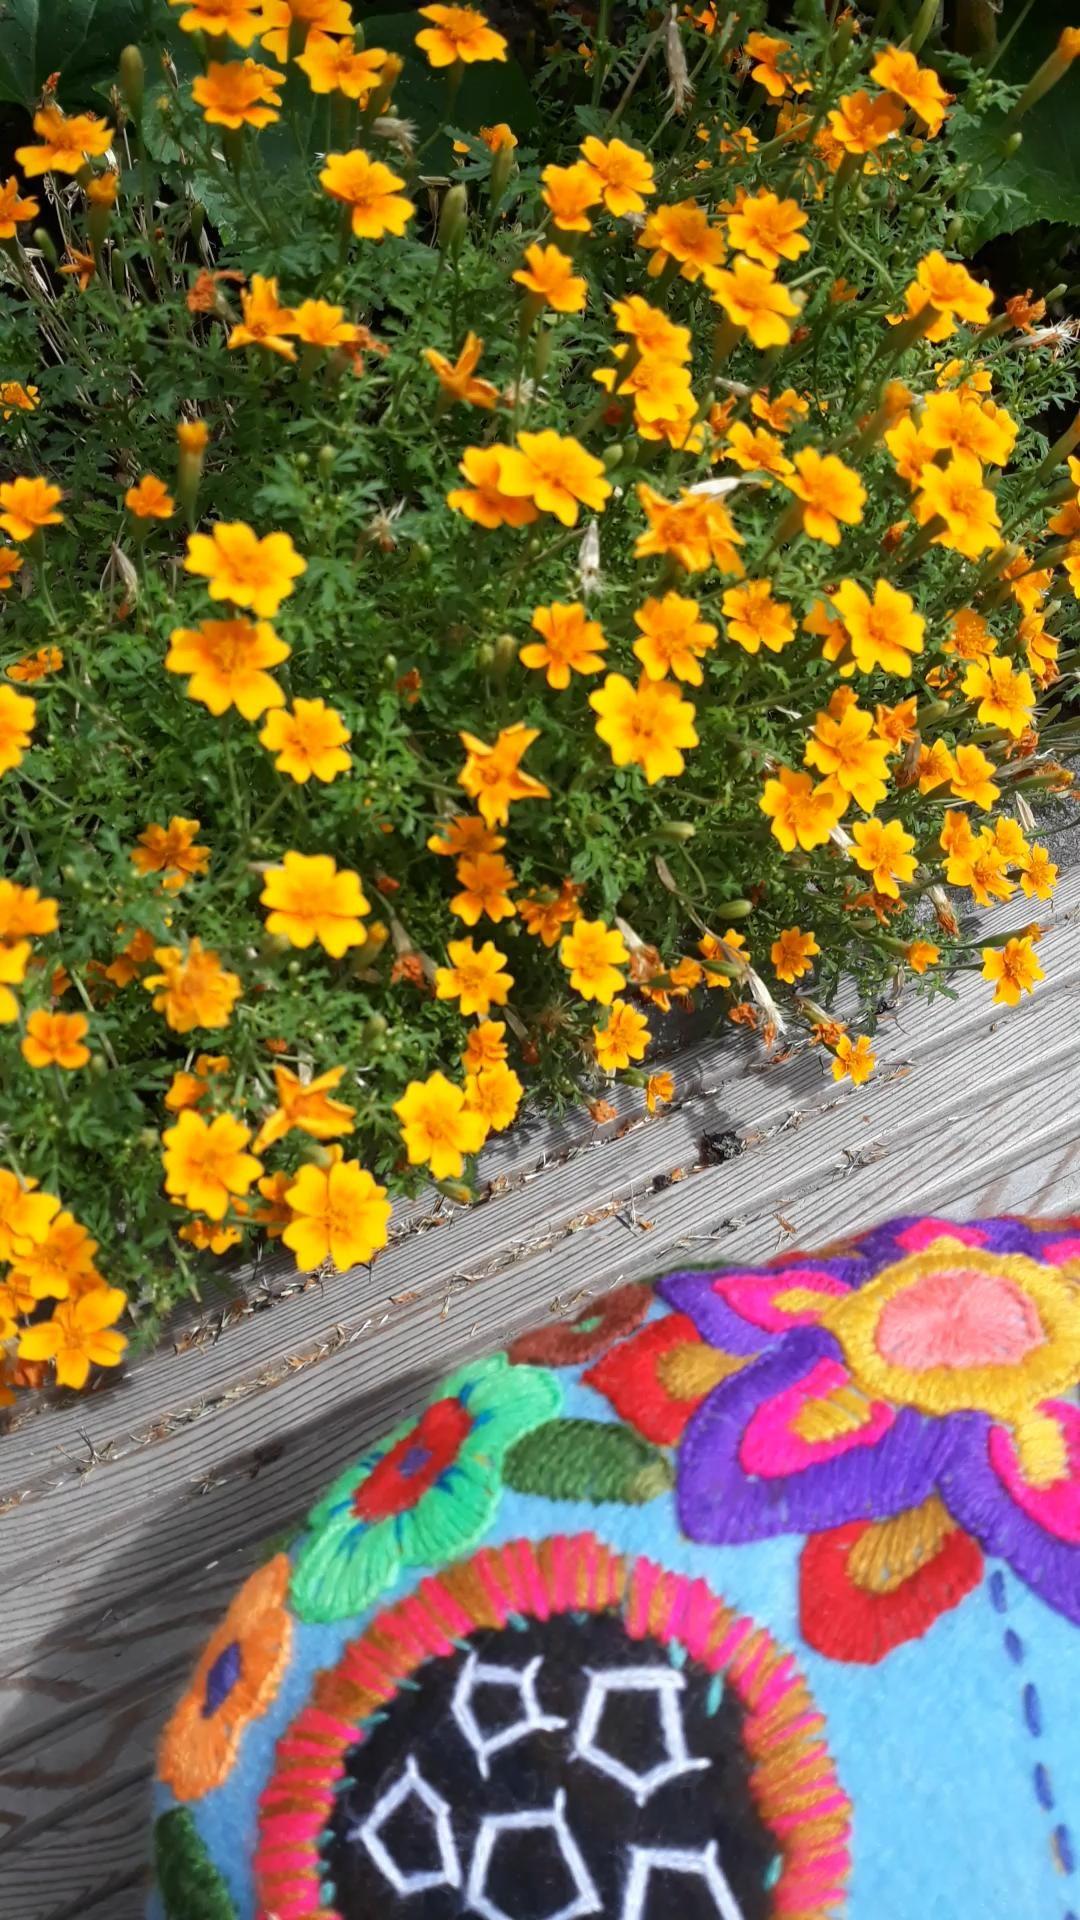 Das Leben feiern mit den schönsten mexikanischen Wohnideen: bunte, bestickte mexikanischen Kissen, Innendesign voller Farben, Mexican home, Tag der Toten, dia de muertos, day of the dead, Sculls with embroidery, Mexikanische Textilien, Mexikansiche Party dekoration, fiesta Deko, Deko Ideen Mexiko, Totenkopf Deko, Boho, Ethno, hippie, Frida Kahlo Style